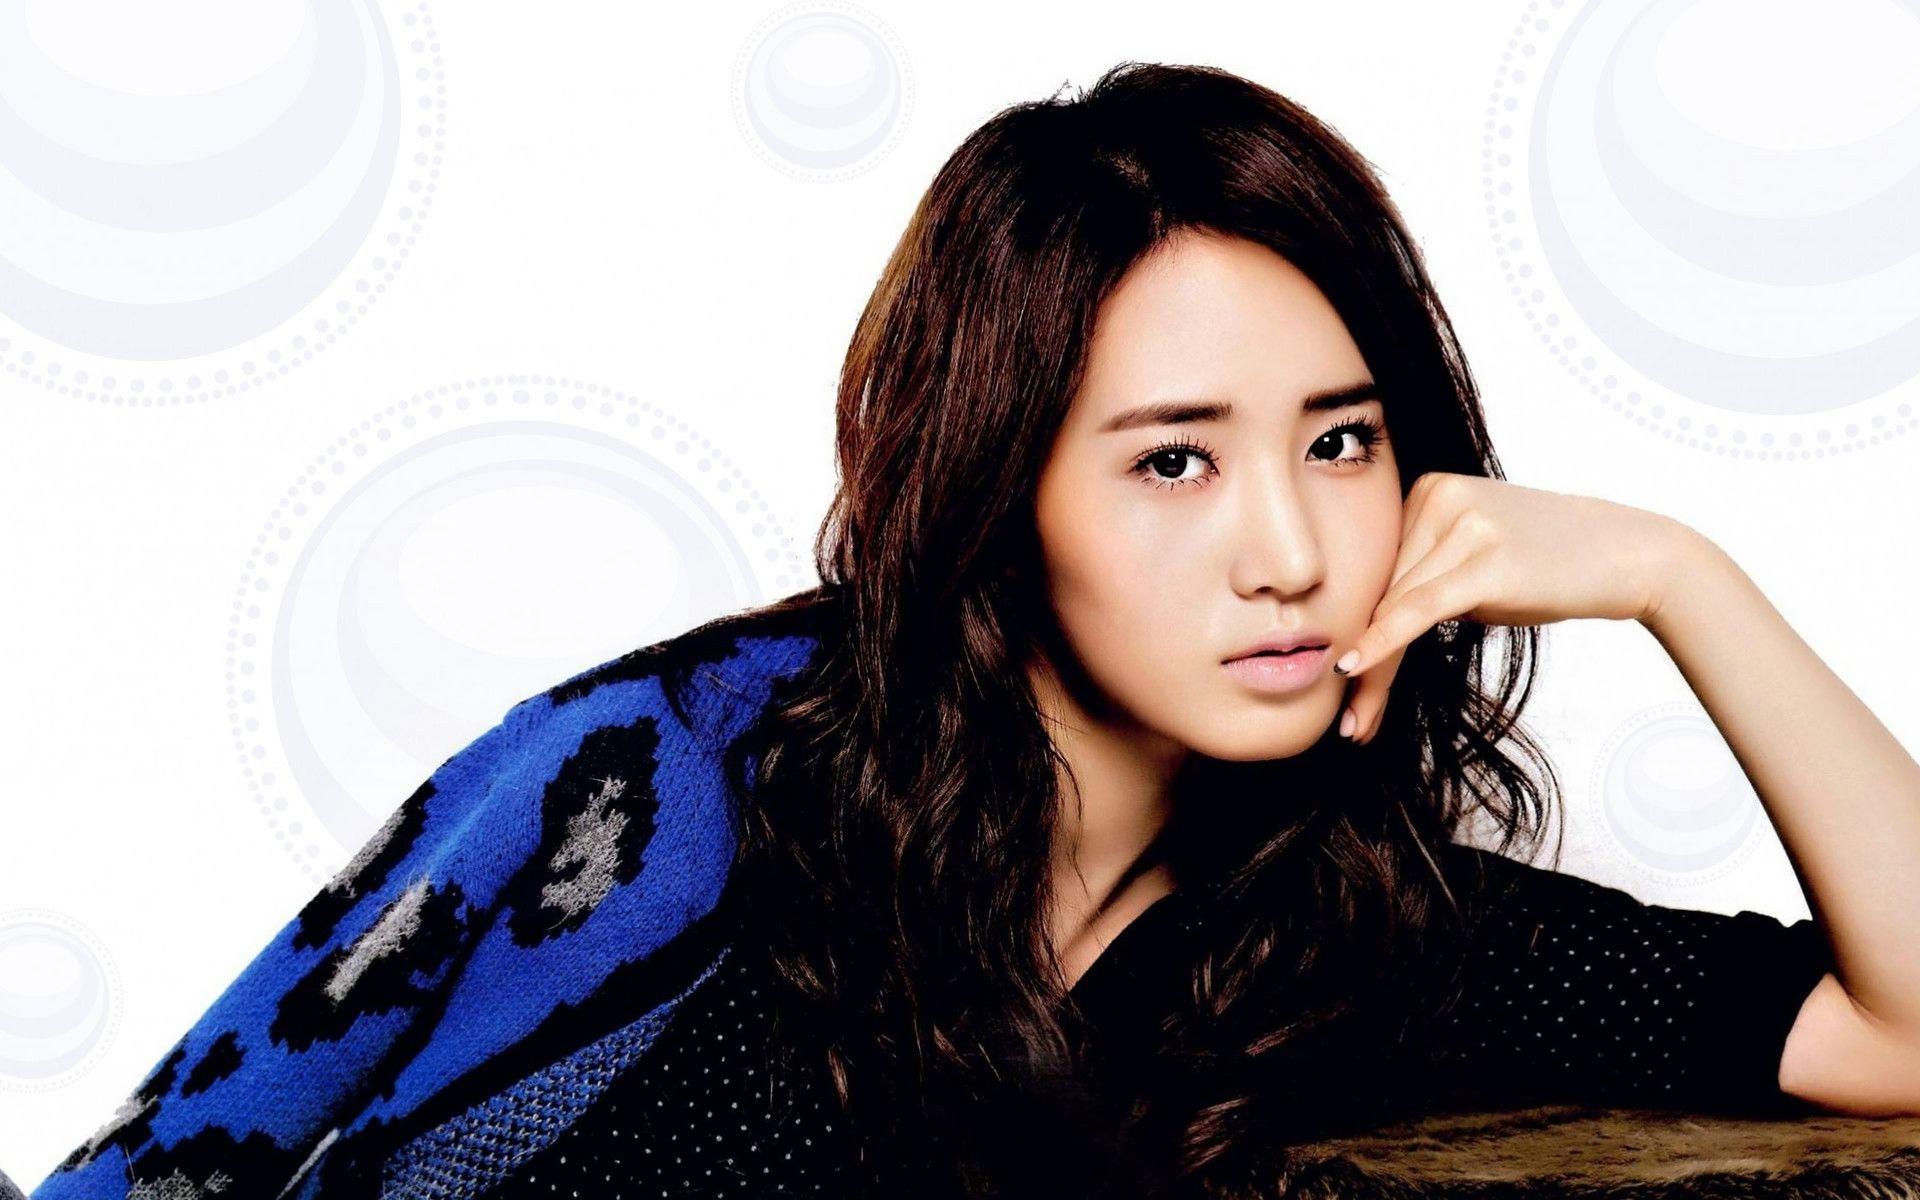 kwon yuri desktop wallpaper 61105